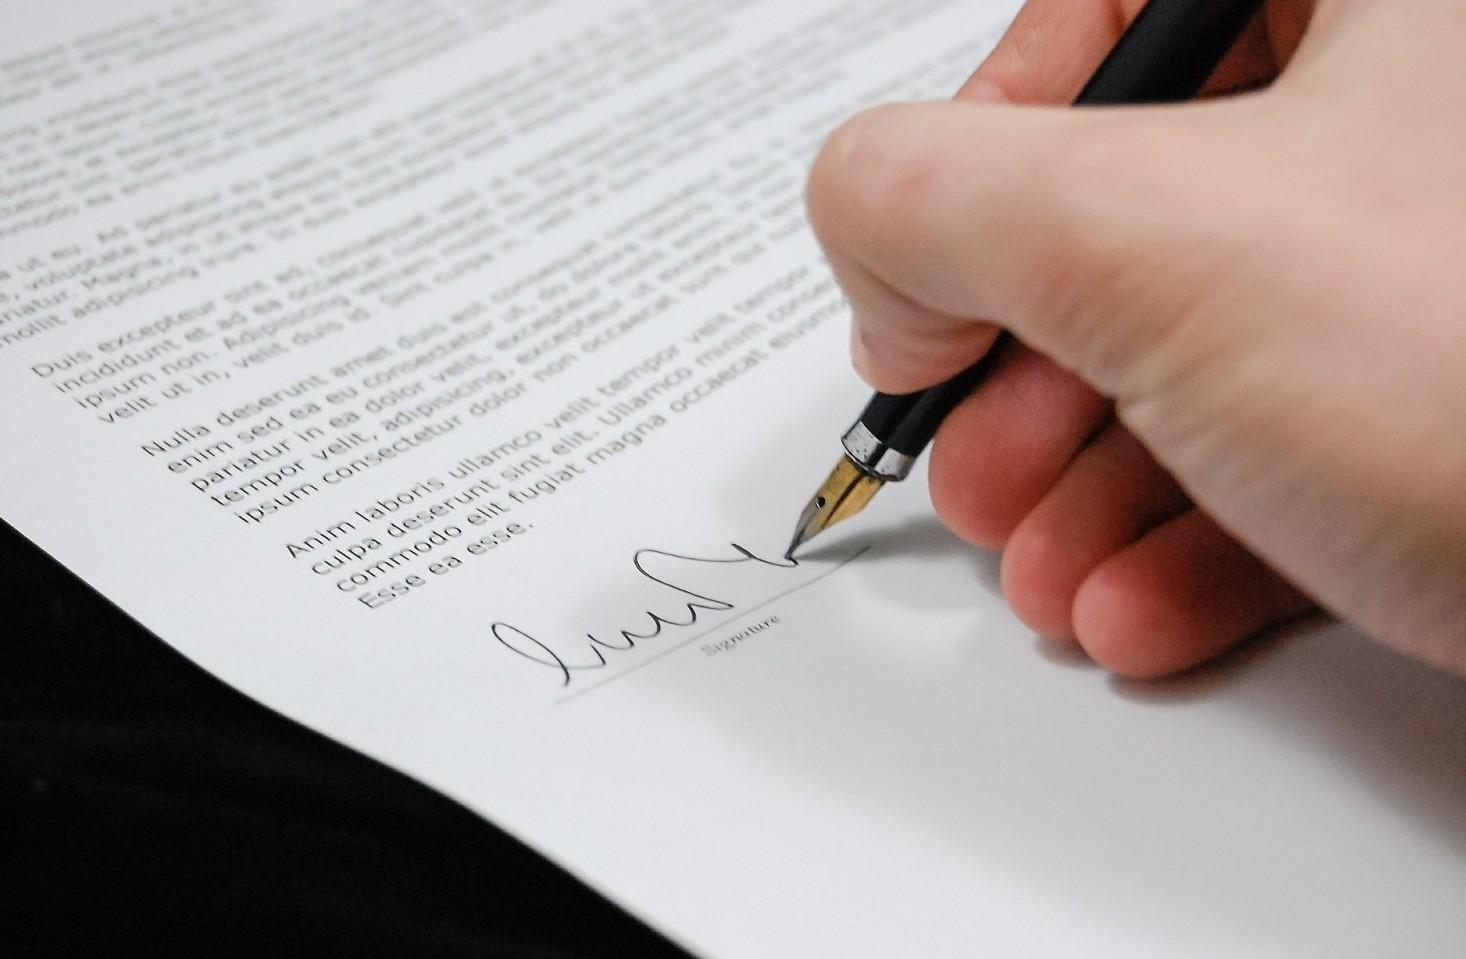 La scrittura privata: cos'è, autenticazione e valore ...